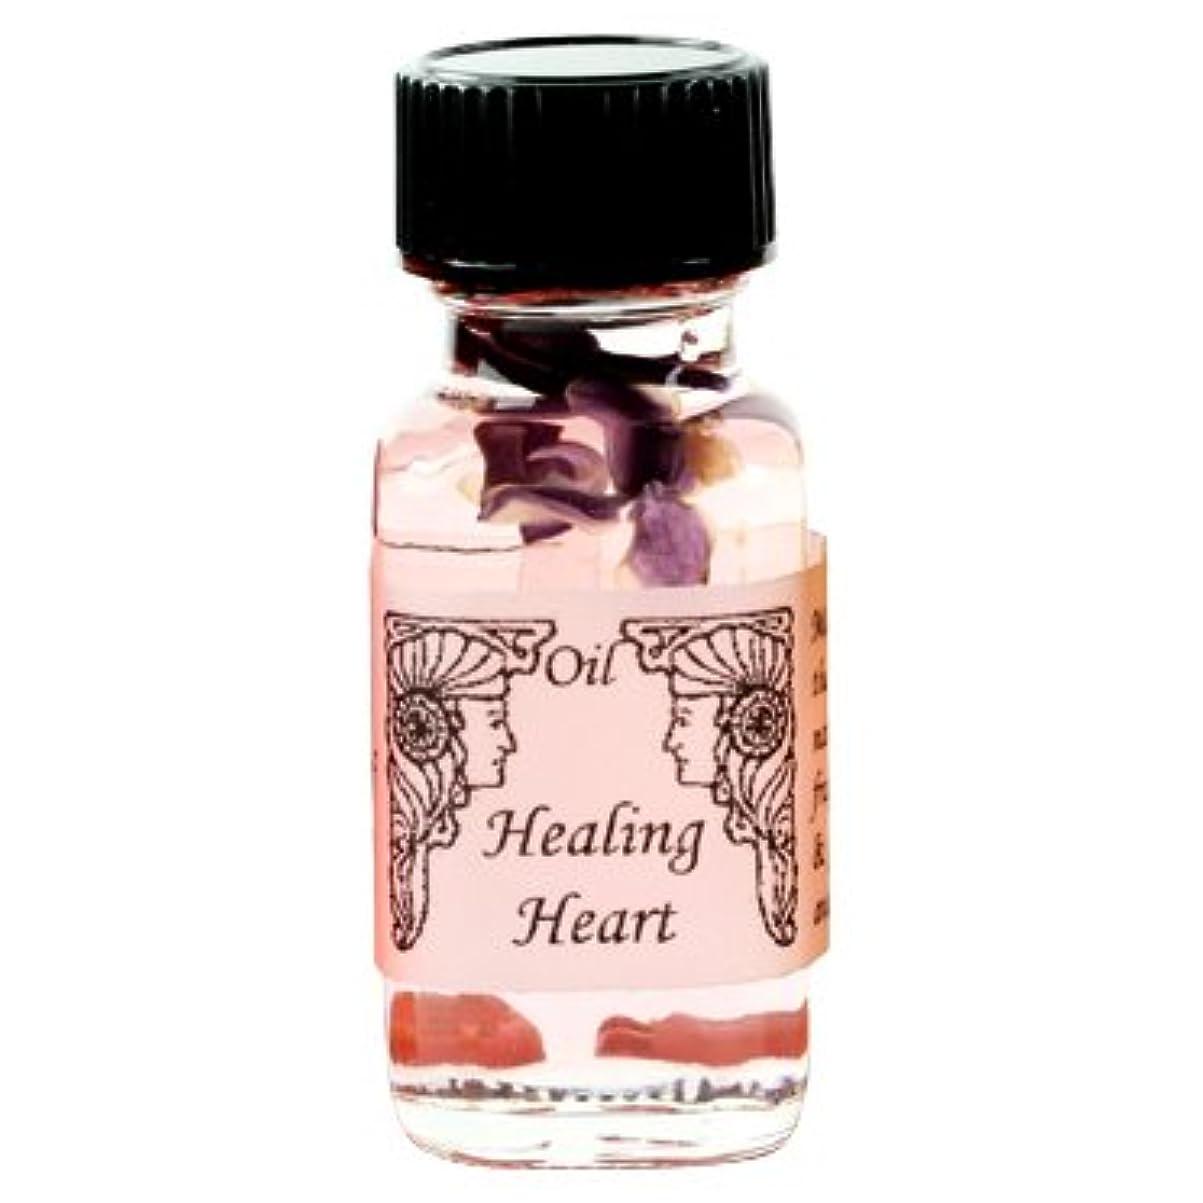 アルコーブ無人タフアンシェントメモリーオイル ハートヒーリング Heart Healing 15ml (Ancient Memory Oils)